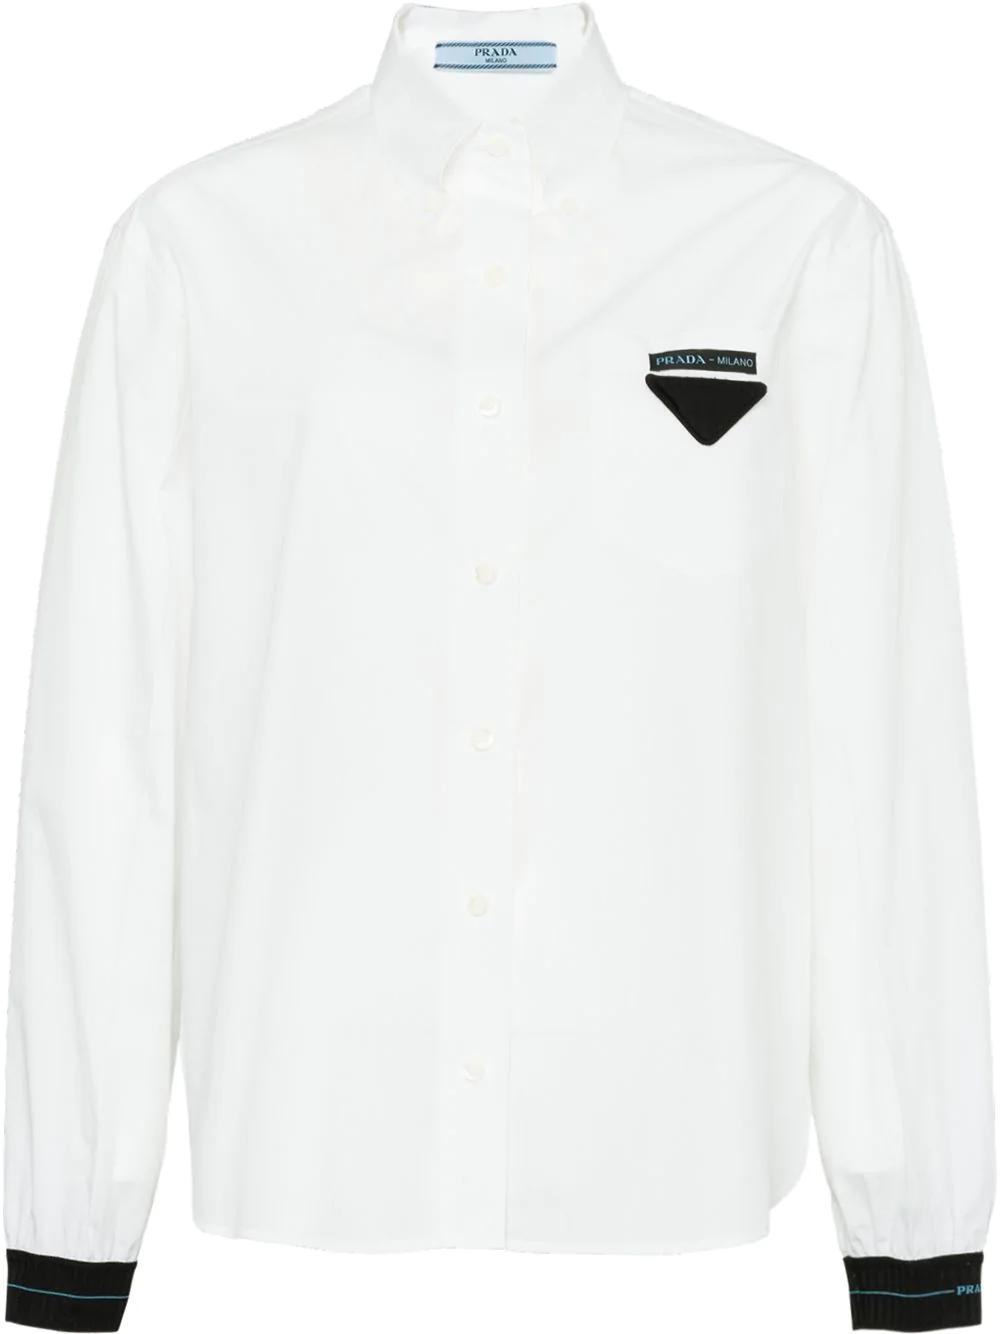 9764a9f1 Prada Polo Shirts Shop | Azərbaycan Dillər Universiteti